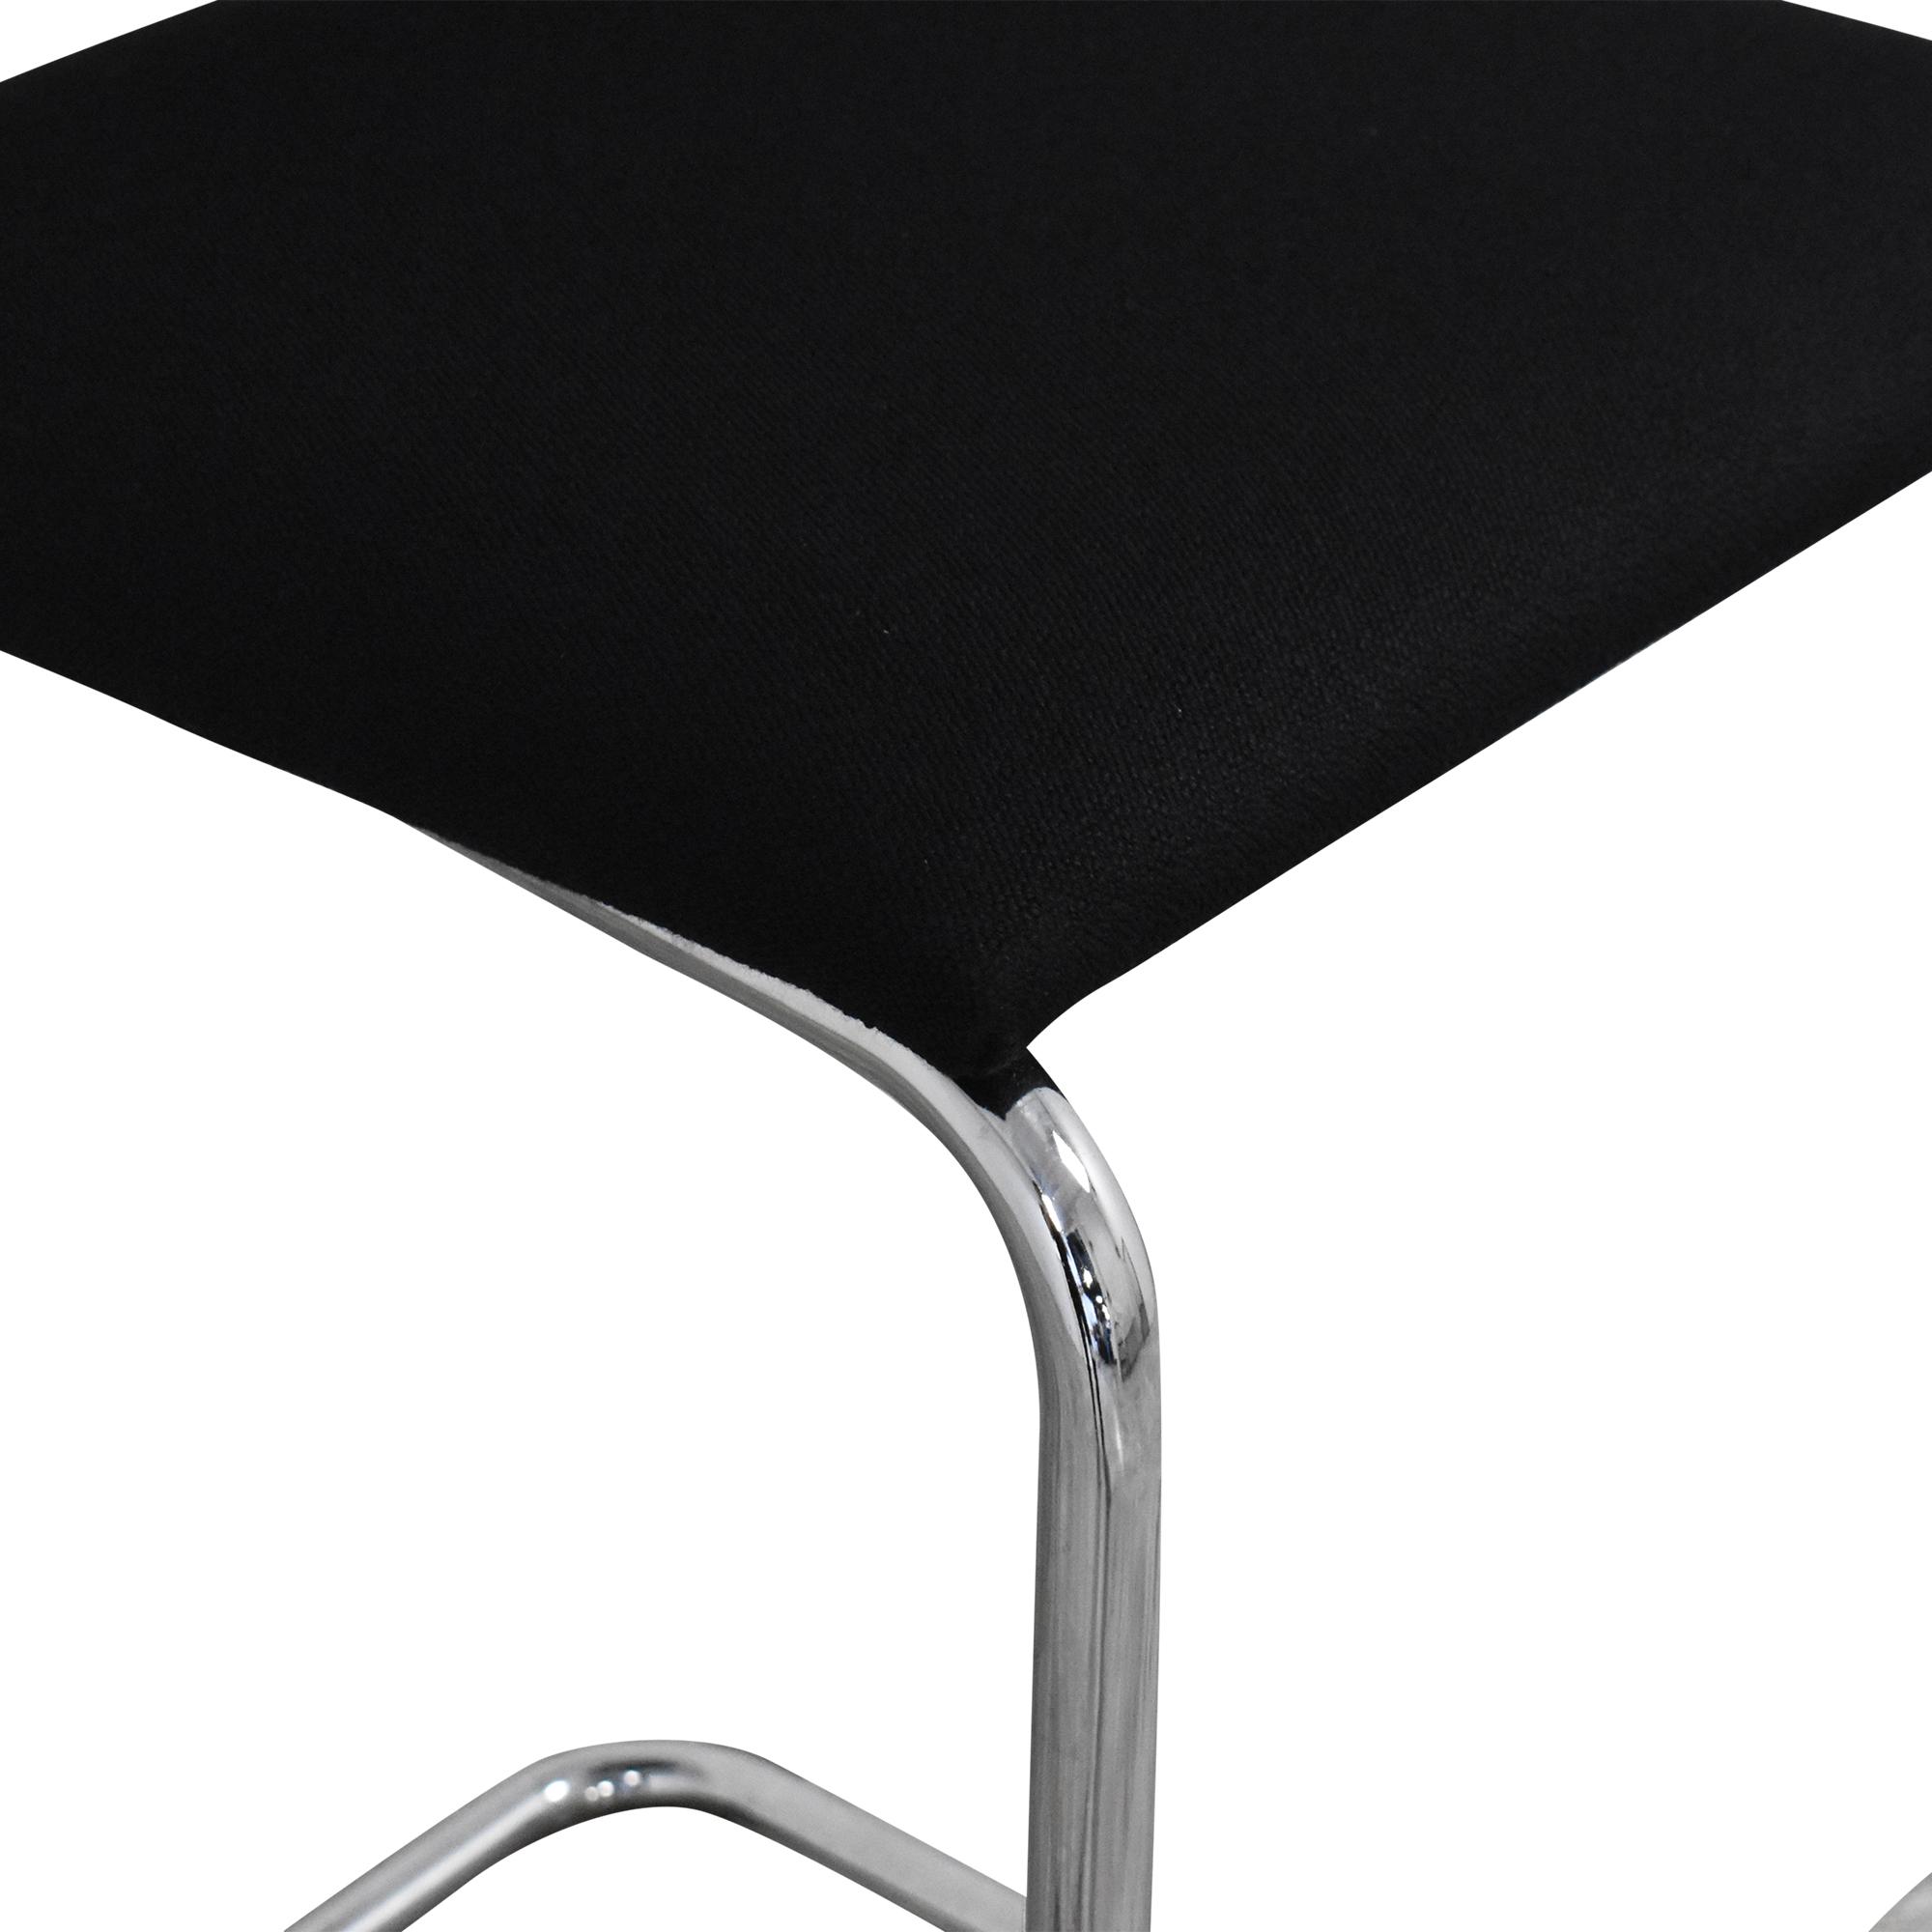 Knoll Knoll Marcel Breuer Cesca Arm Chair coupon